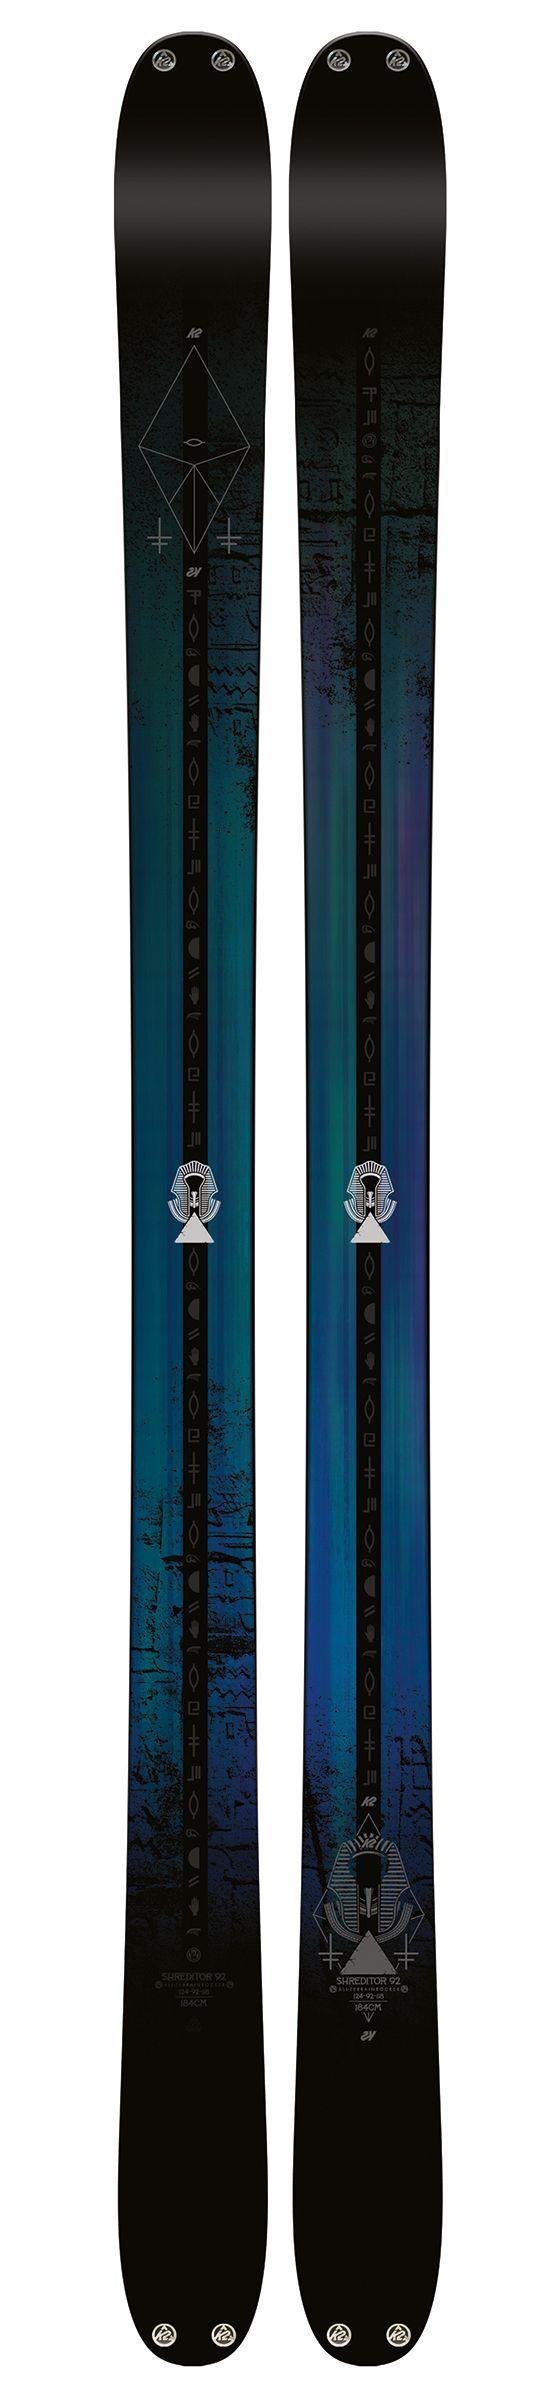 Shreditor 92 BLACK_BLUE